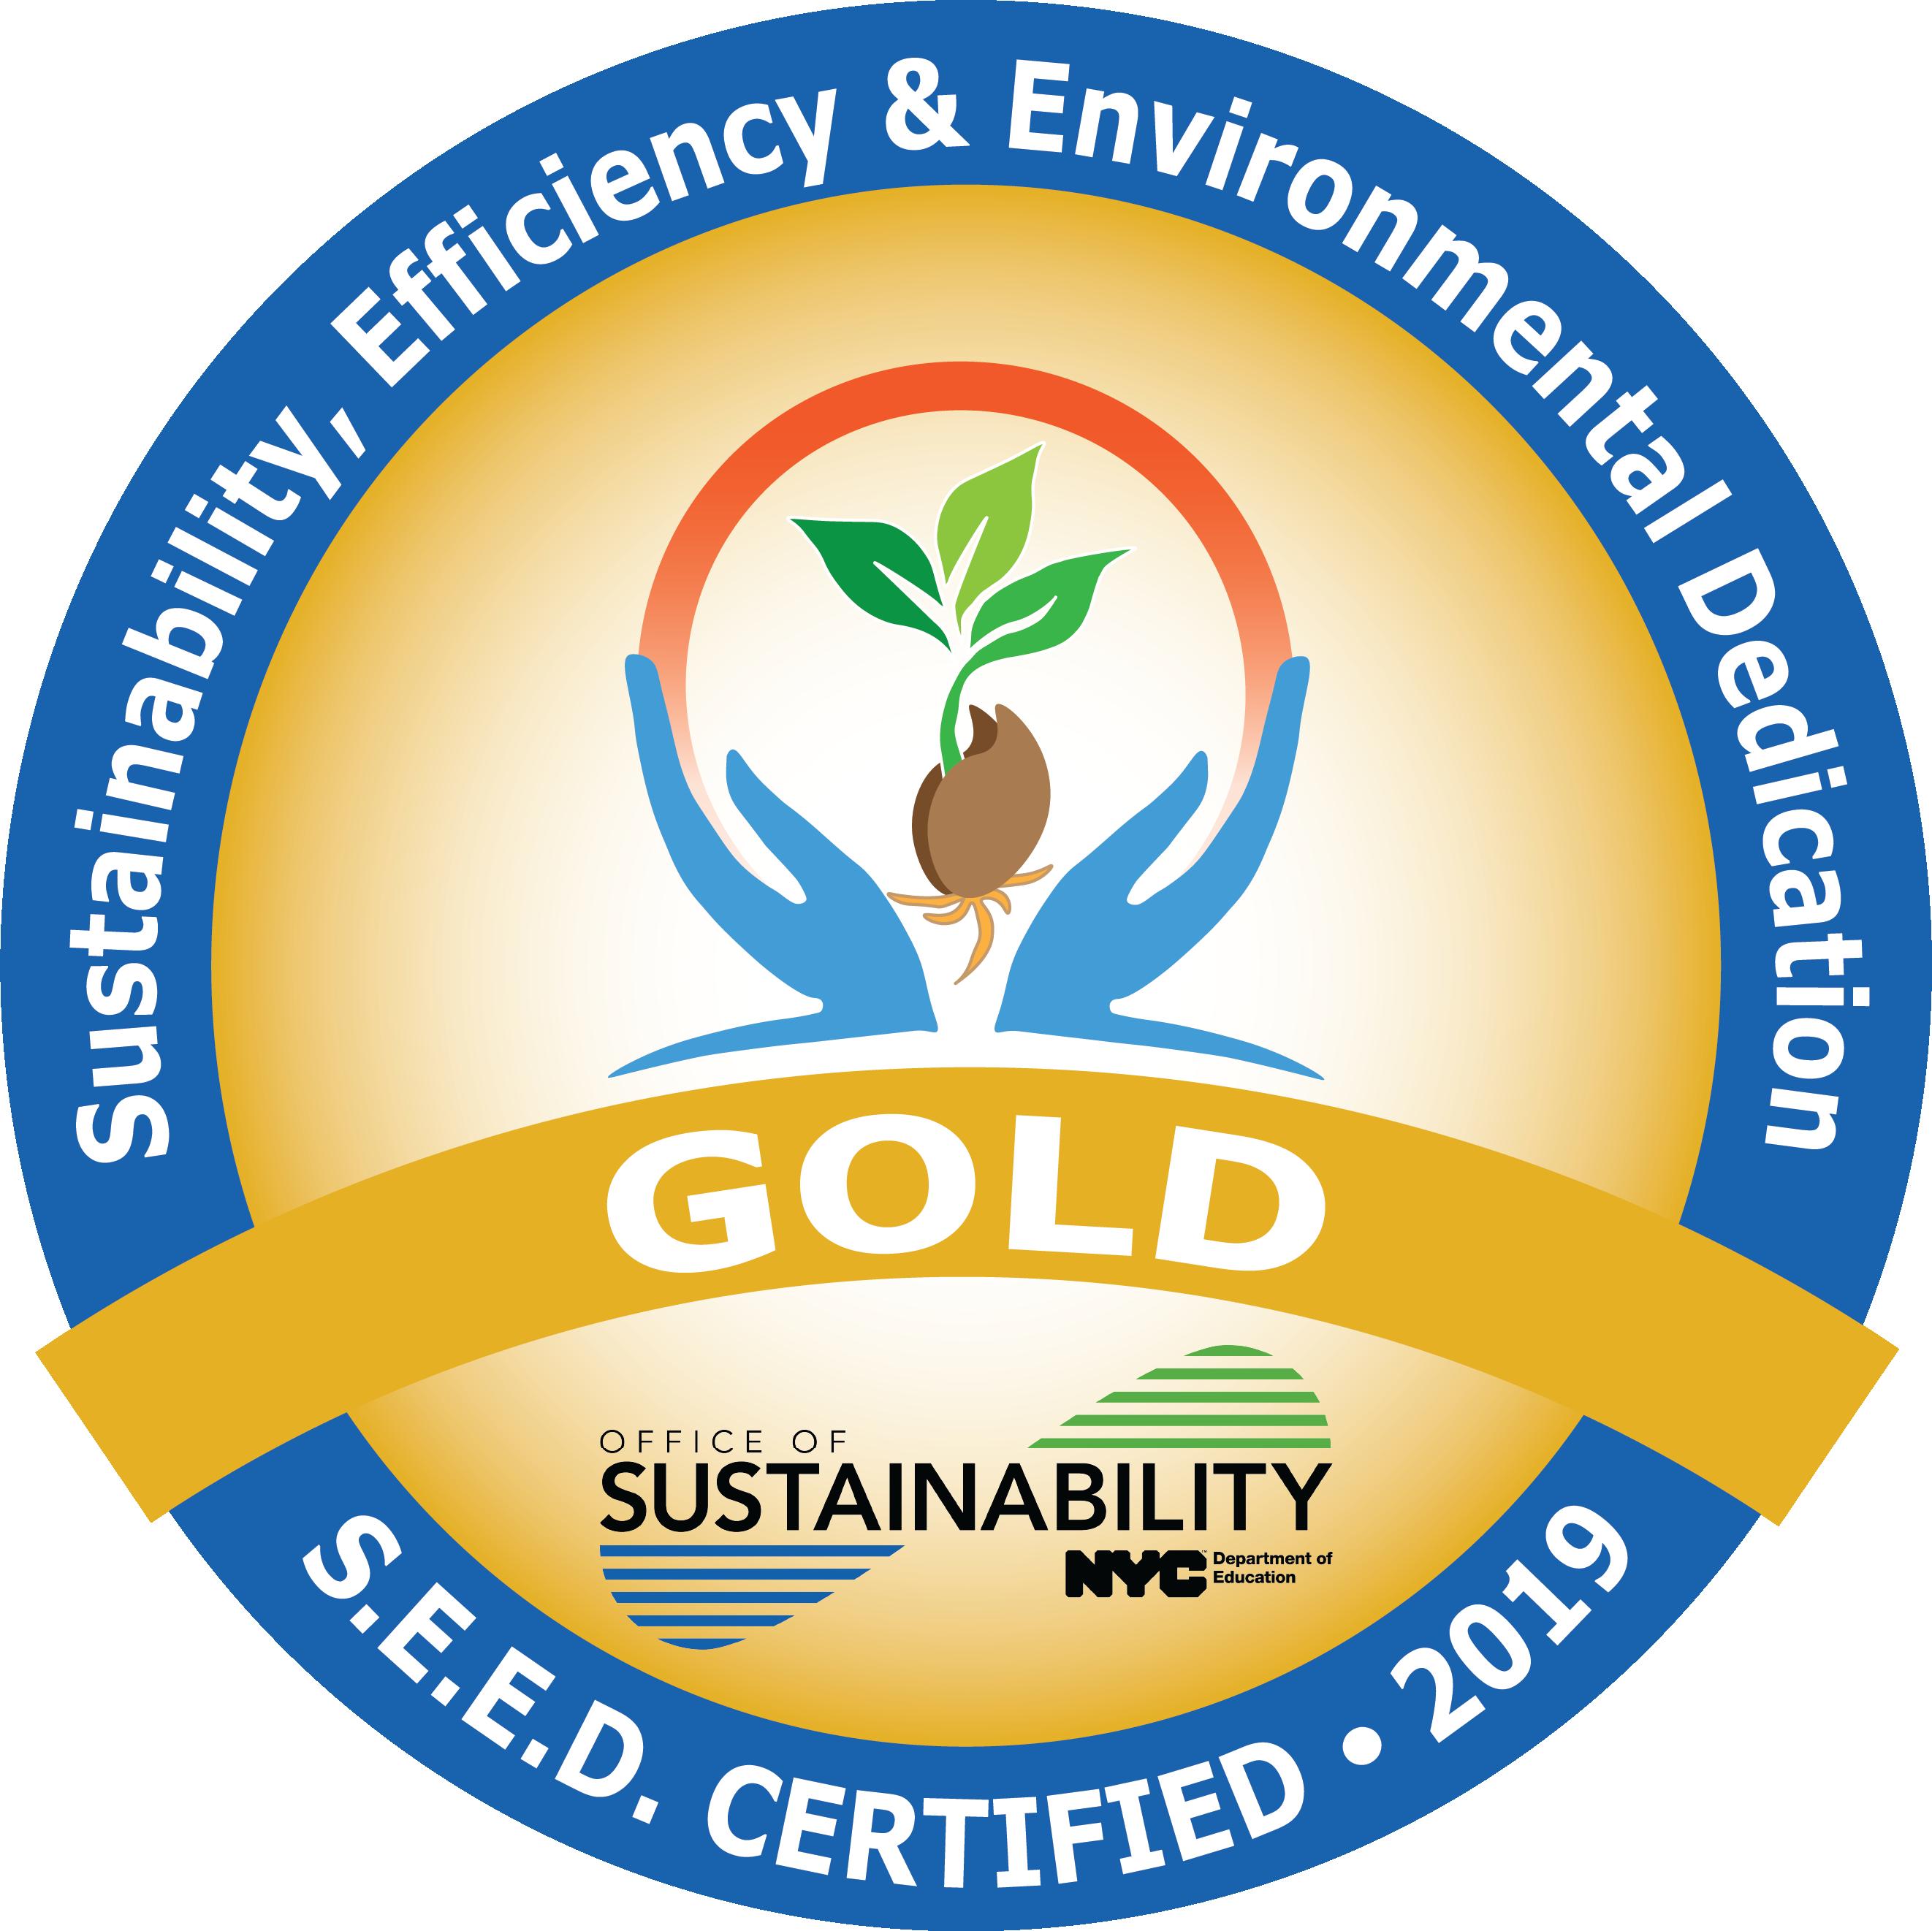 S.E.E.D. certificate